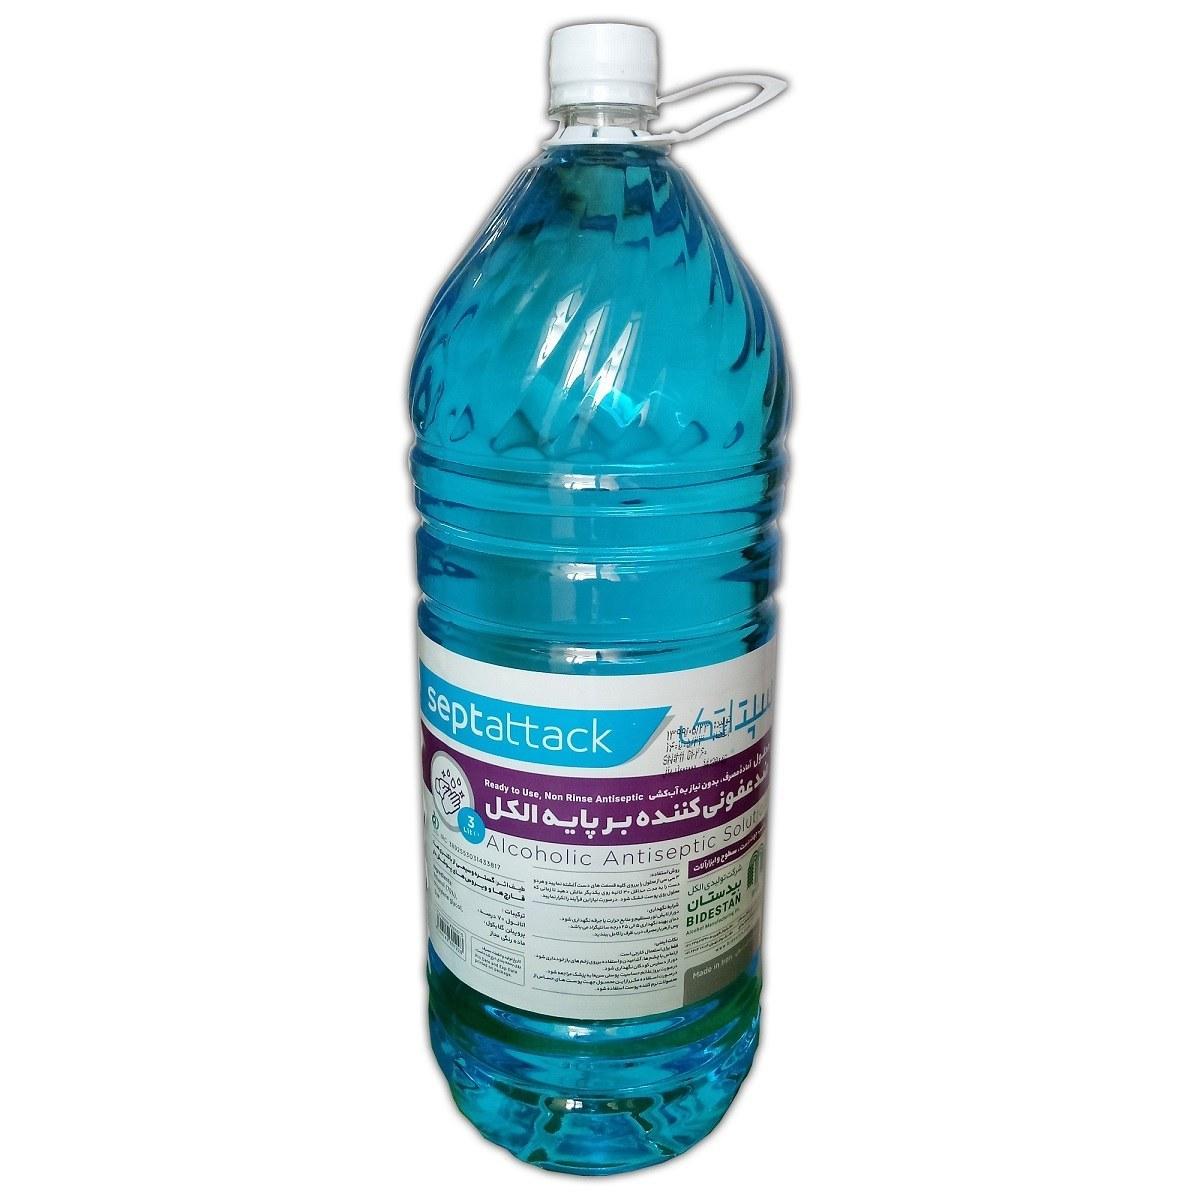 تصویر محلول ضدعفونی کننده دست و سطوح بر پایه الکل ۳ لیتری سپتاتک بیدستان (اورجینال) | Septattack Alcohol